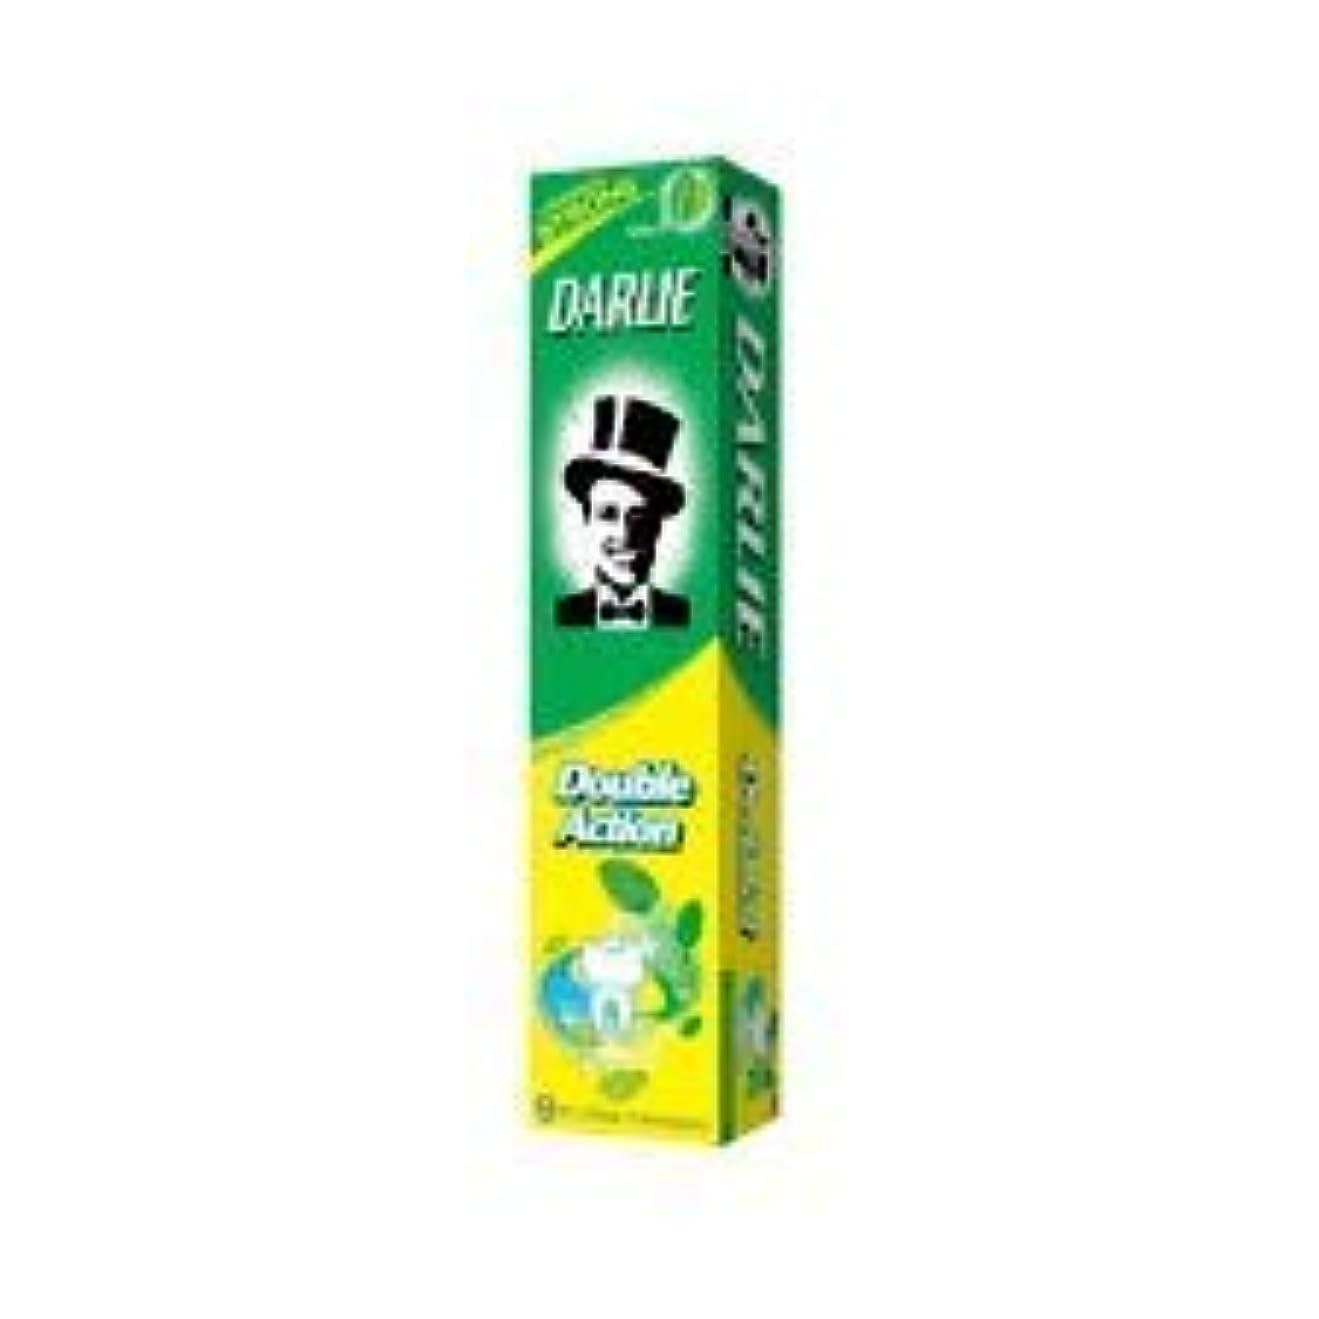 競争力のある住む工場DARLIE ナチュラルミント百グラムの黒歯磨き粉歯磨き粉二重の役割は - 歯を強化し、虫歯を防ぐためにフッ化物を追加します